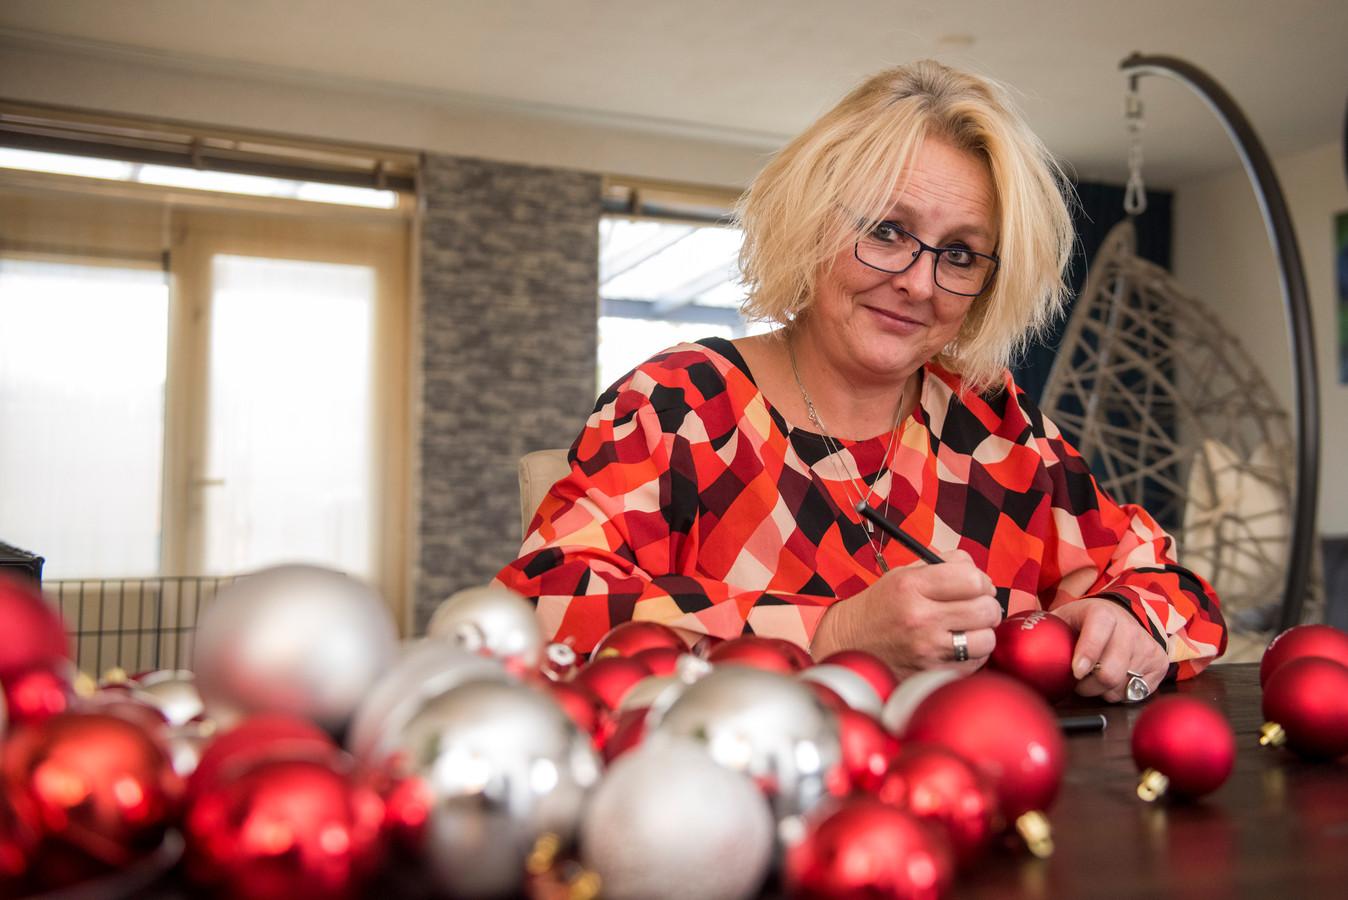 De Eindhovense Esther van Dingenen is in coronatijd gewoon doorgegaan met haar vrijwilligerswerk. Nu is ze met kerstballen bezig.